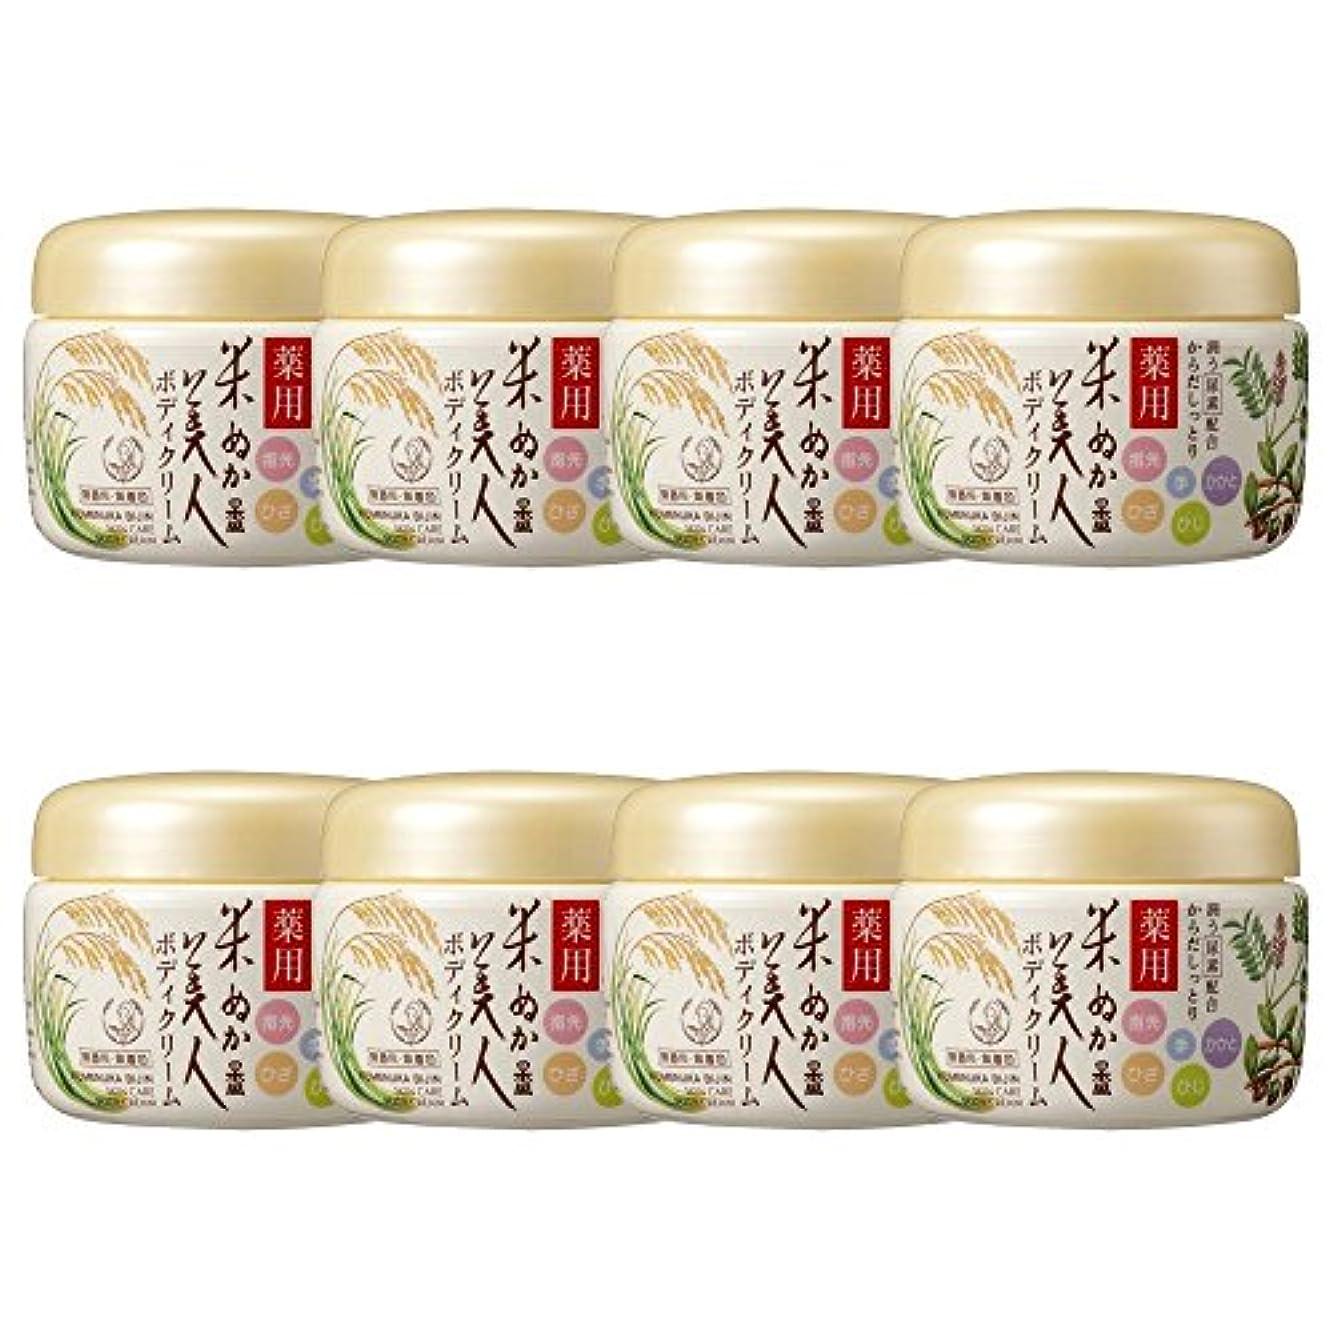 一回水曜日ハンマー【セット】米ぬか美人 薬用ボディクリーム 140g ×8個